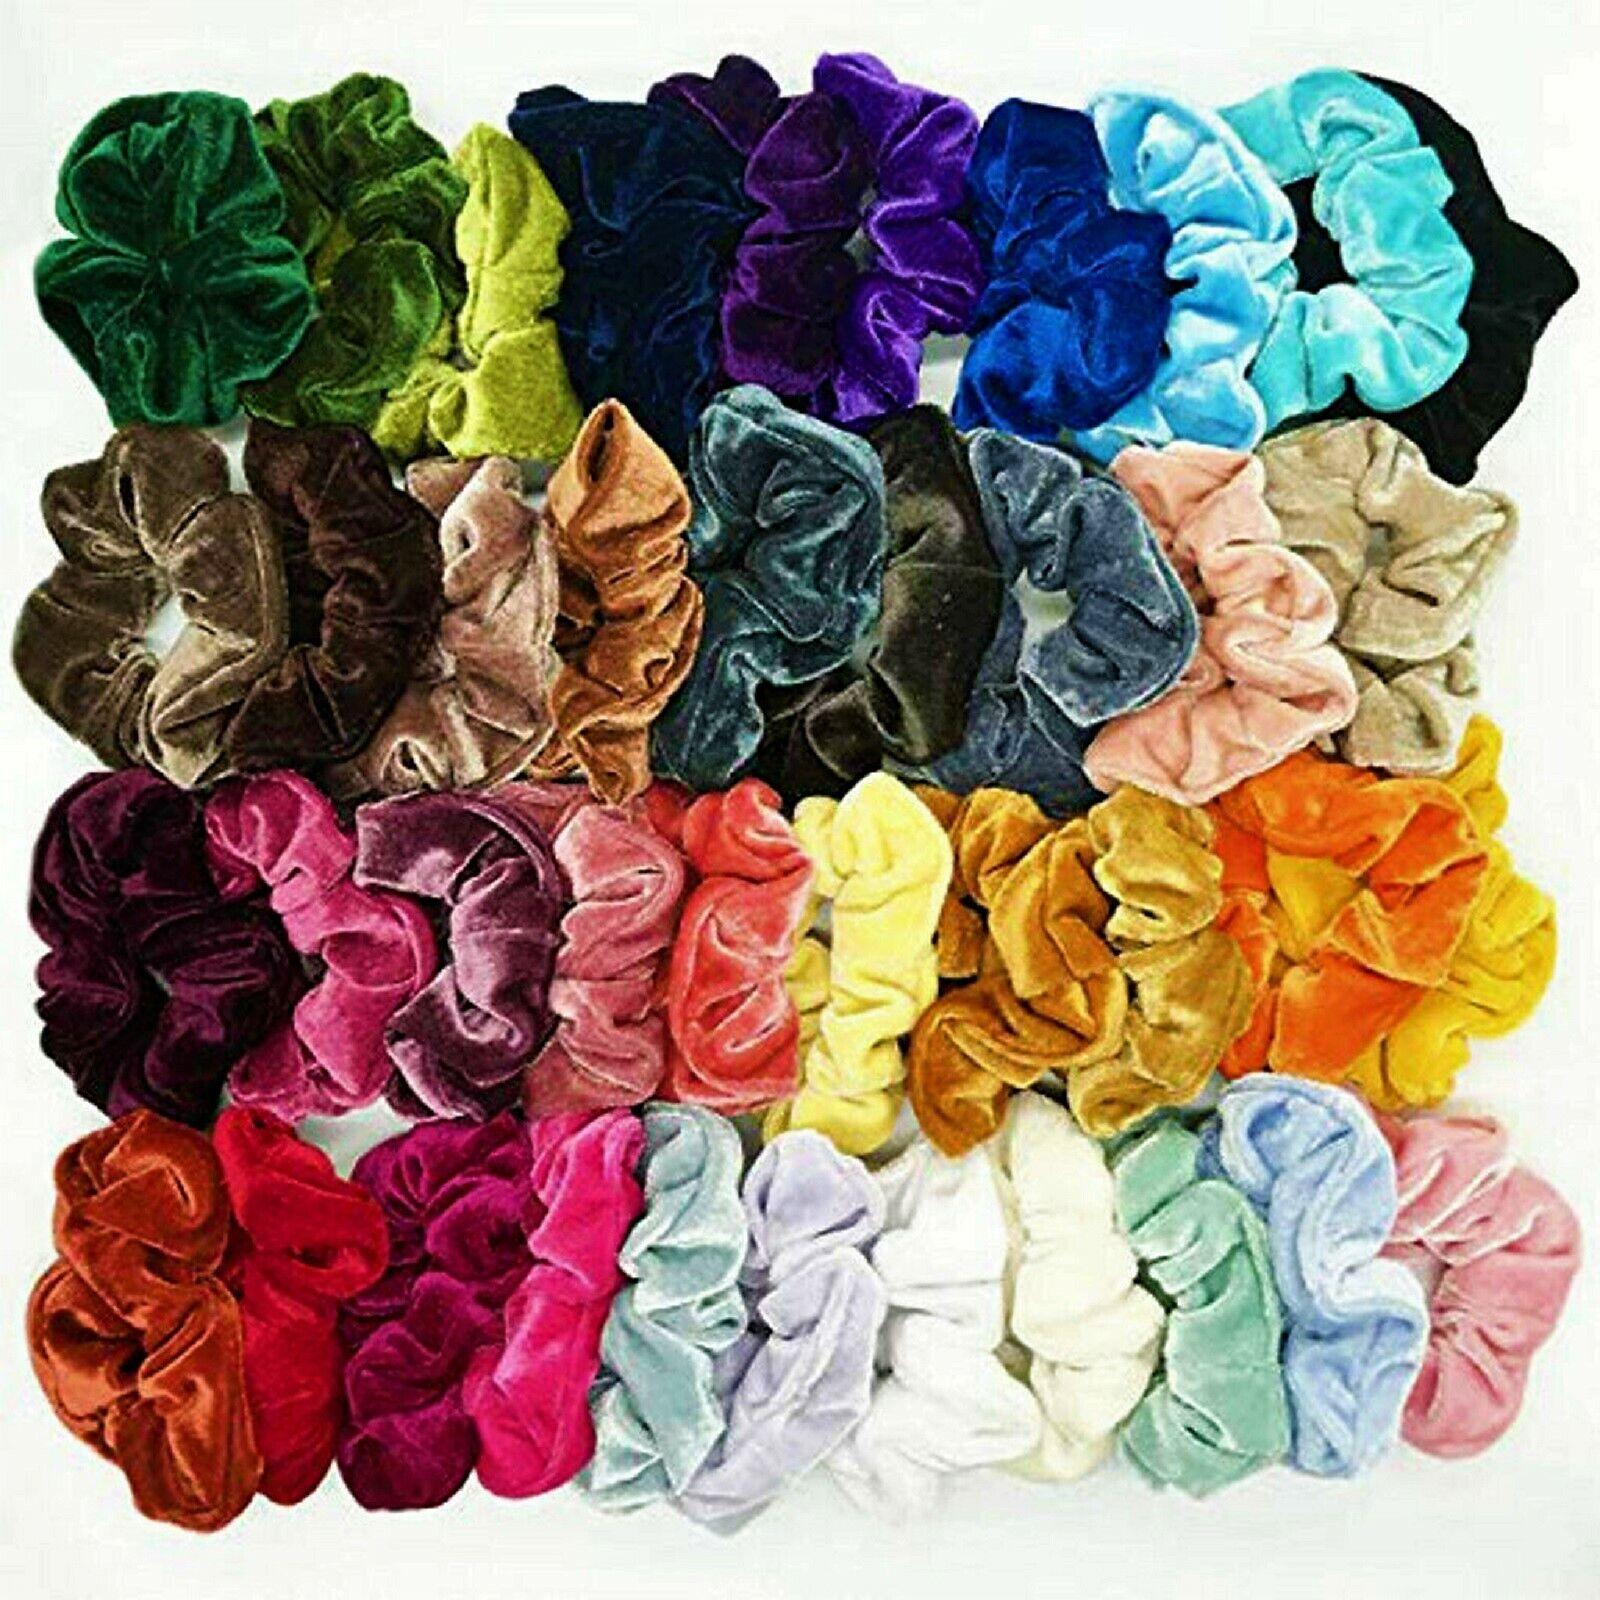 40-Pack Colorful Velvet Hair Band Scrunchies Set Elastic Bob